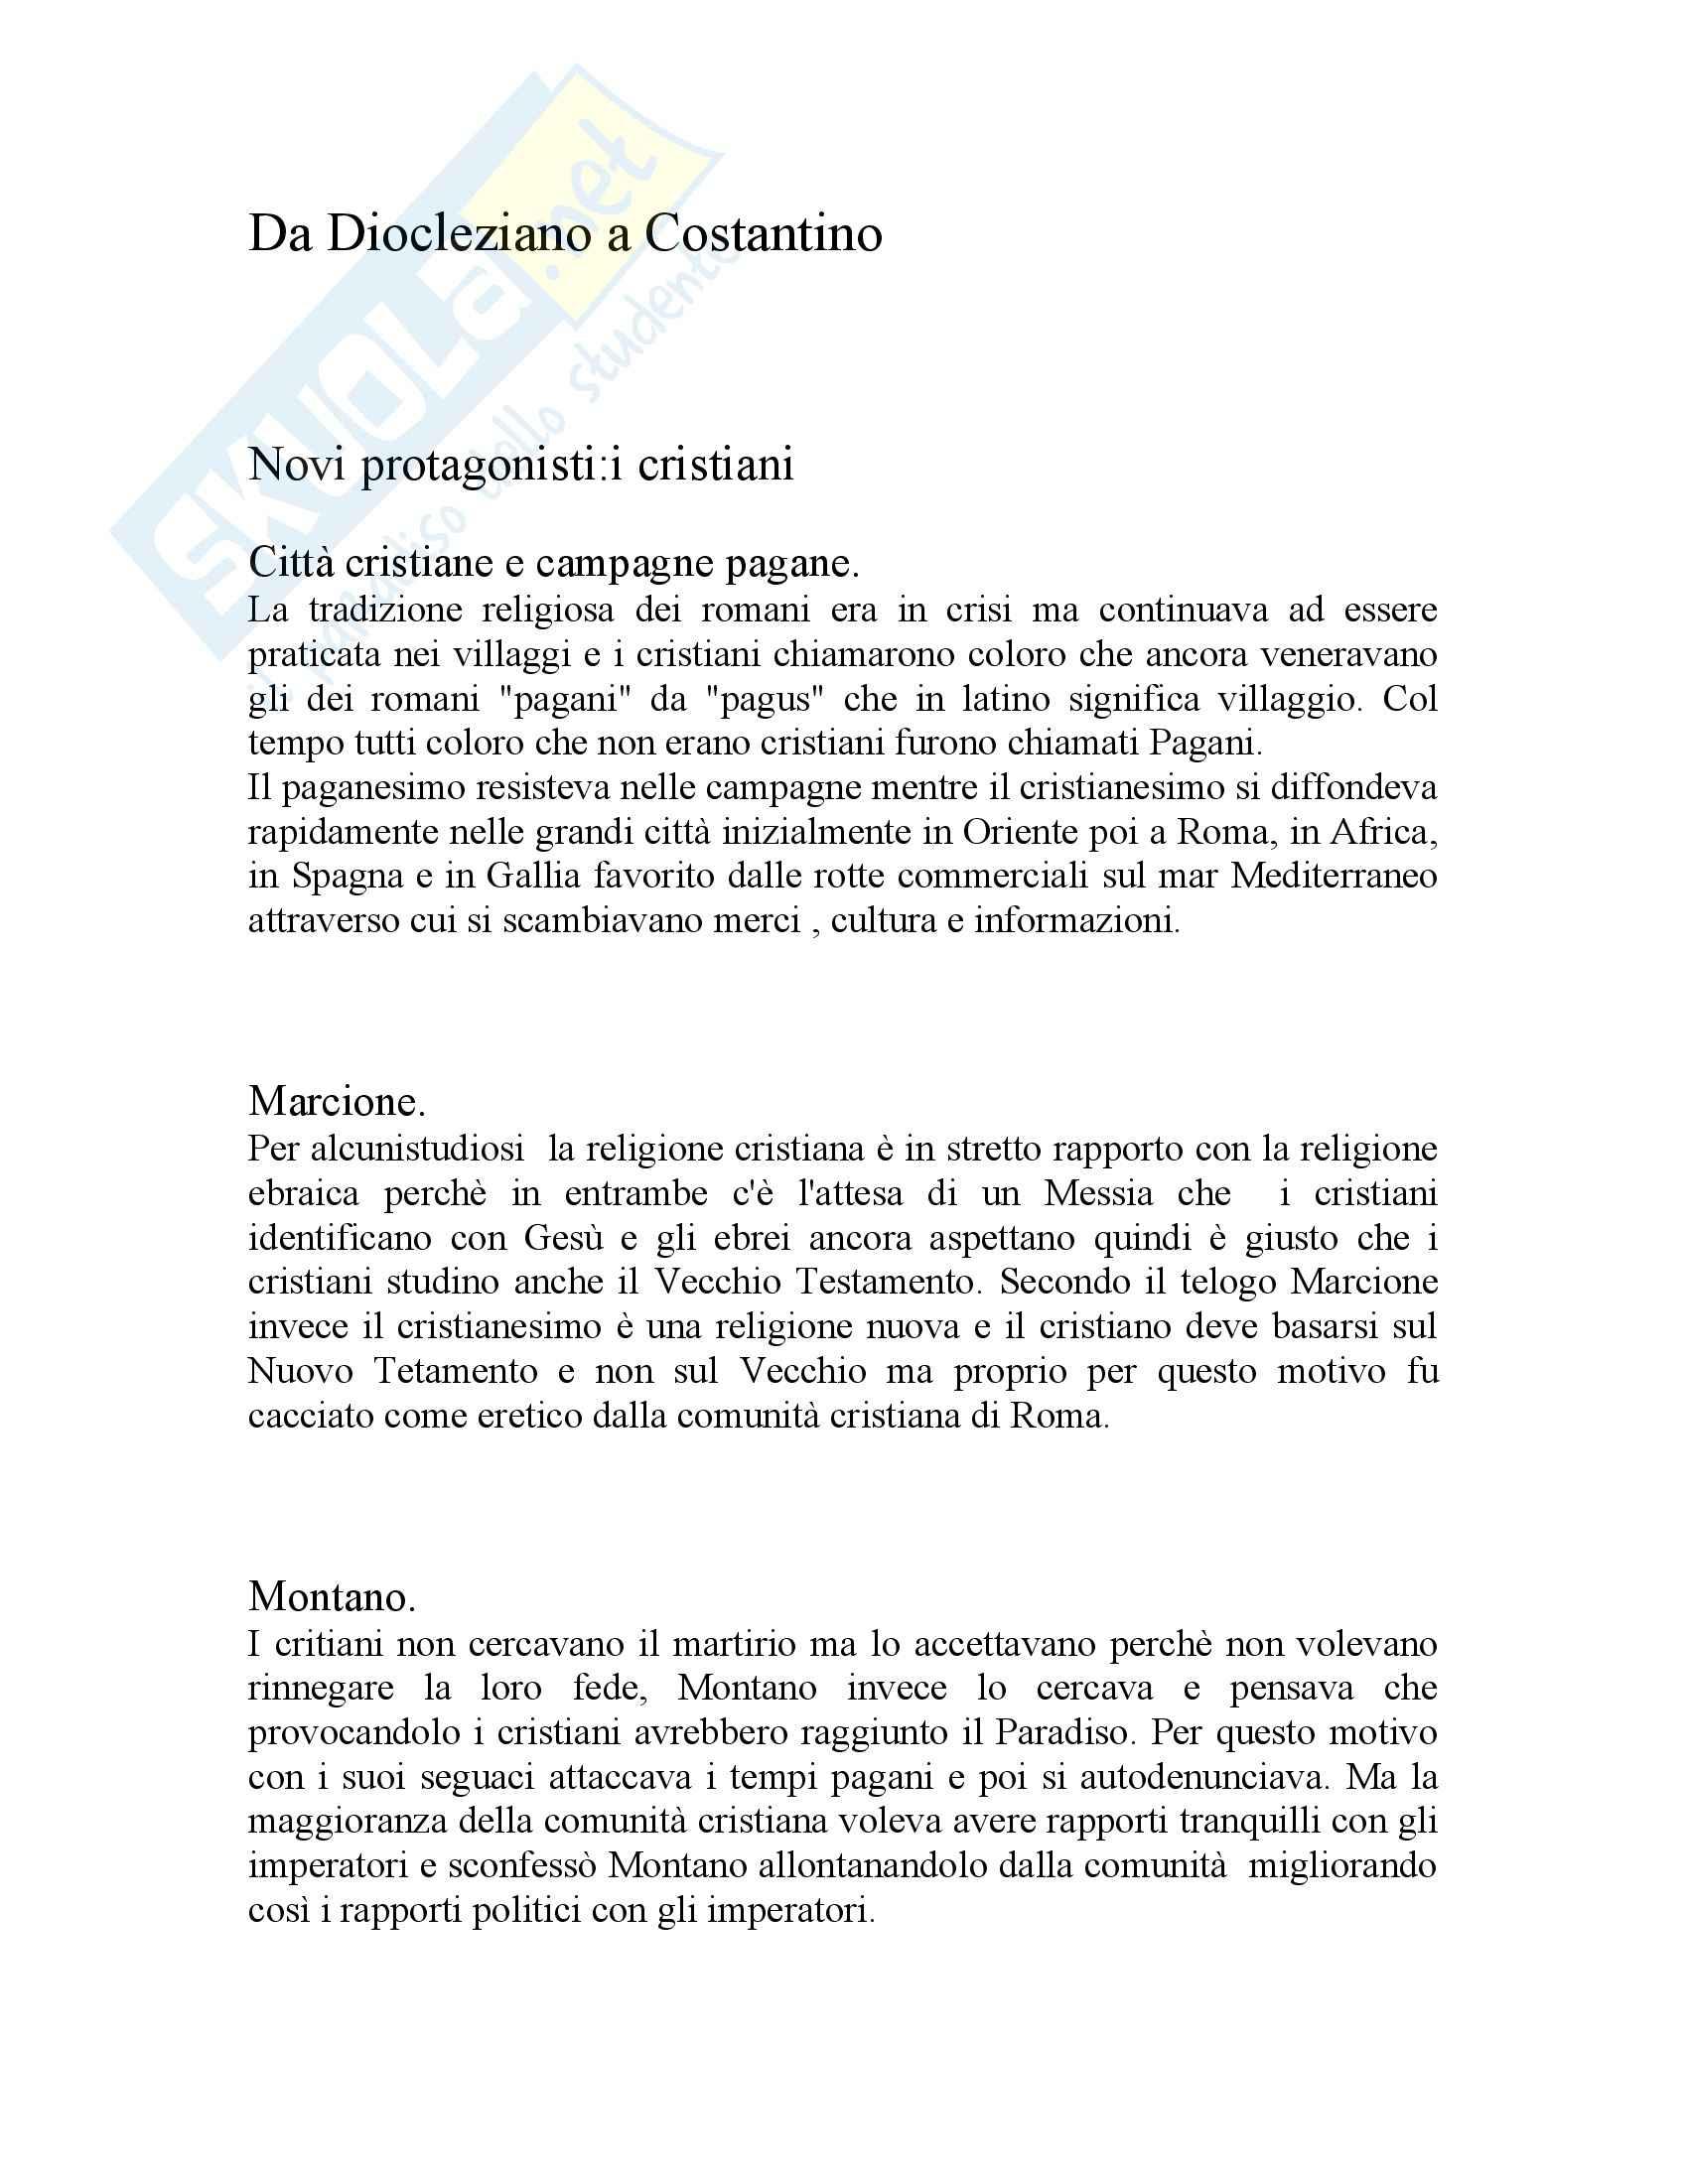 Storia Da Diocleziano a Costantino